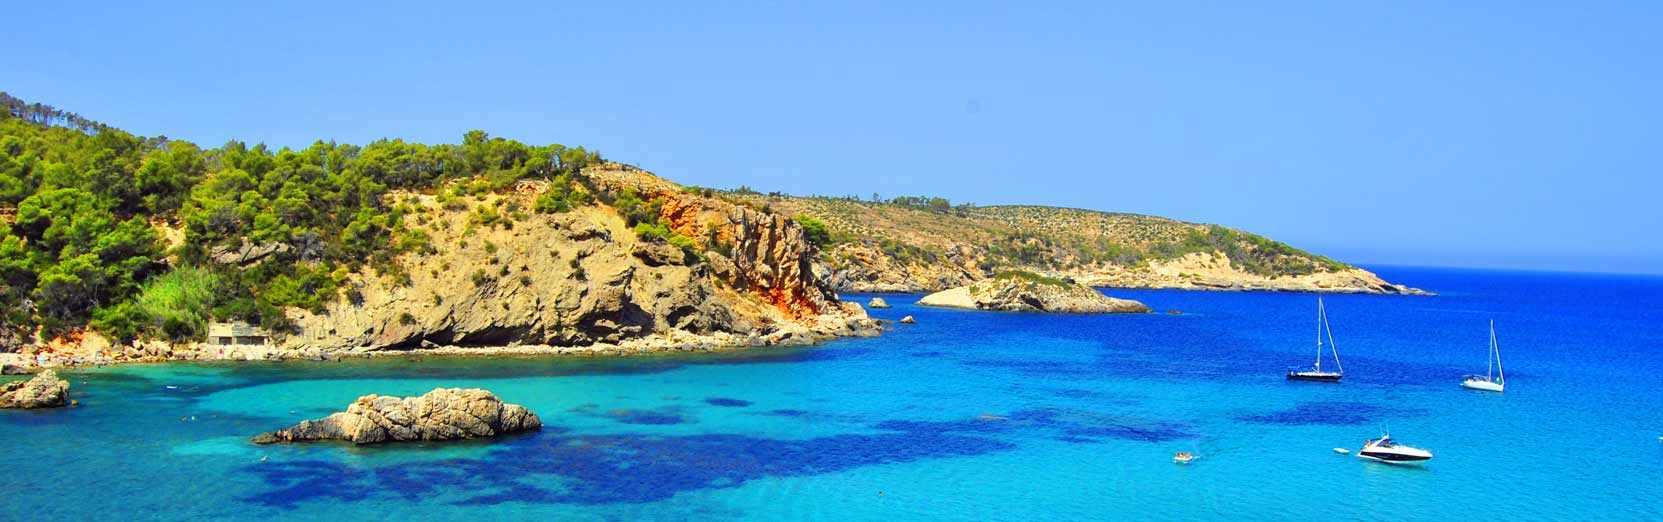 Mietwagen auf Menorca zum Alles inklusive Preis